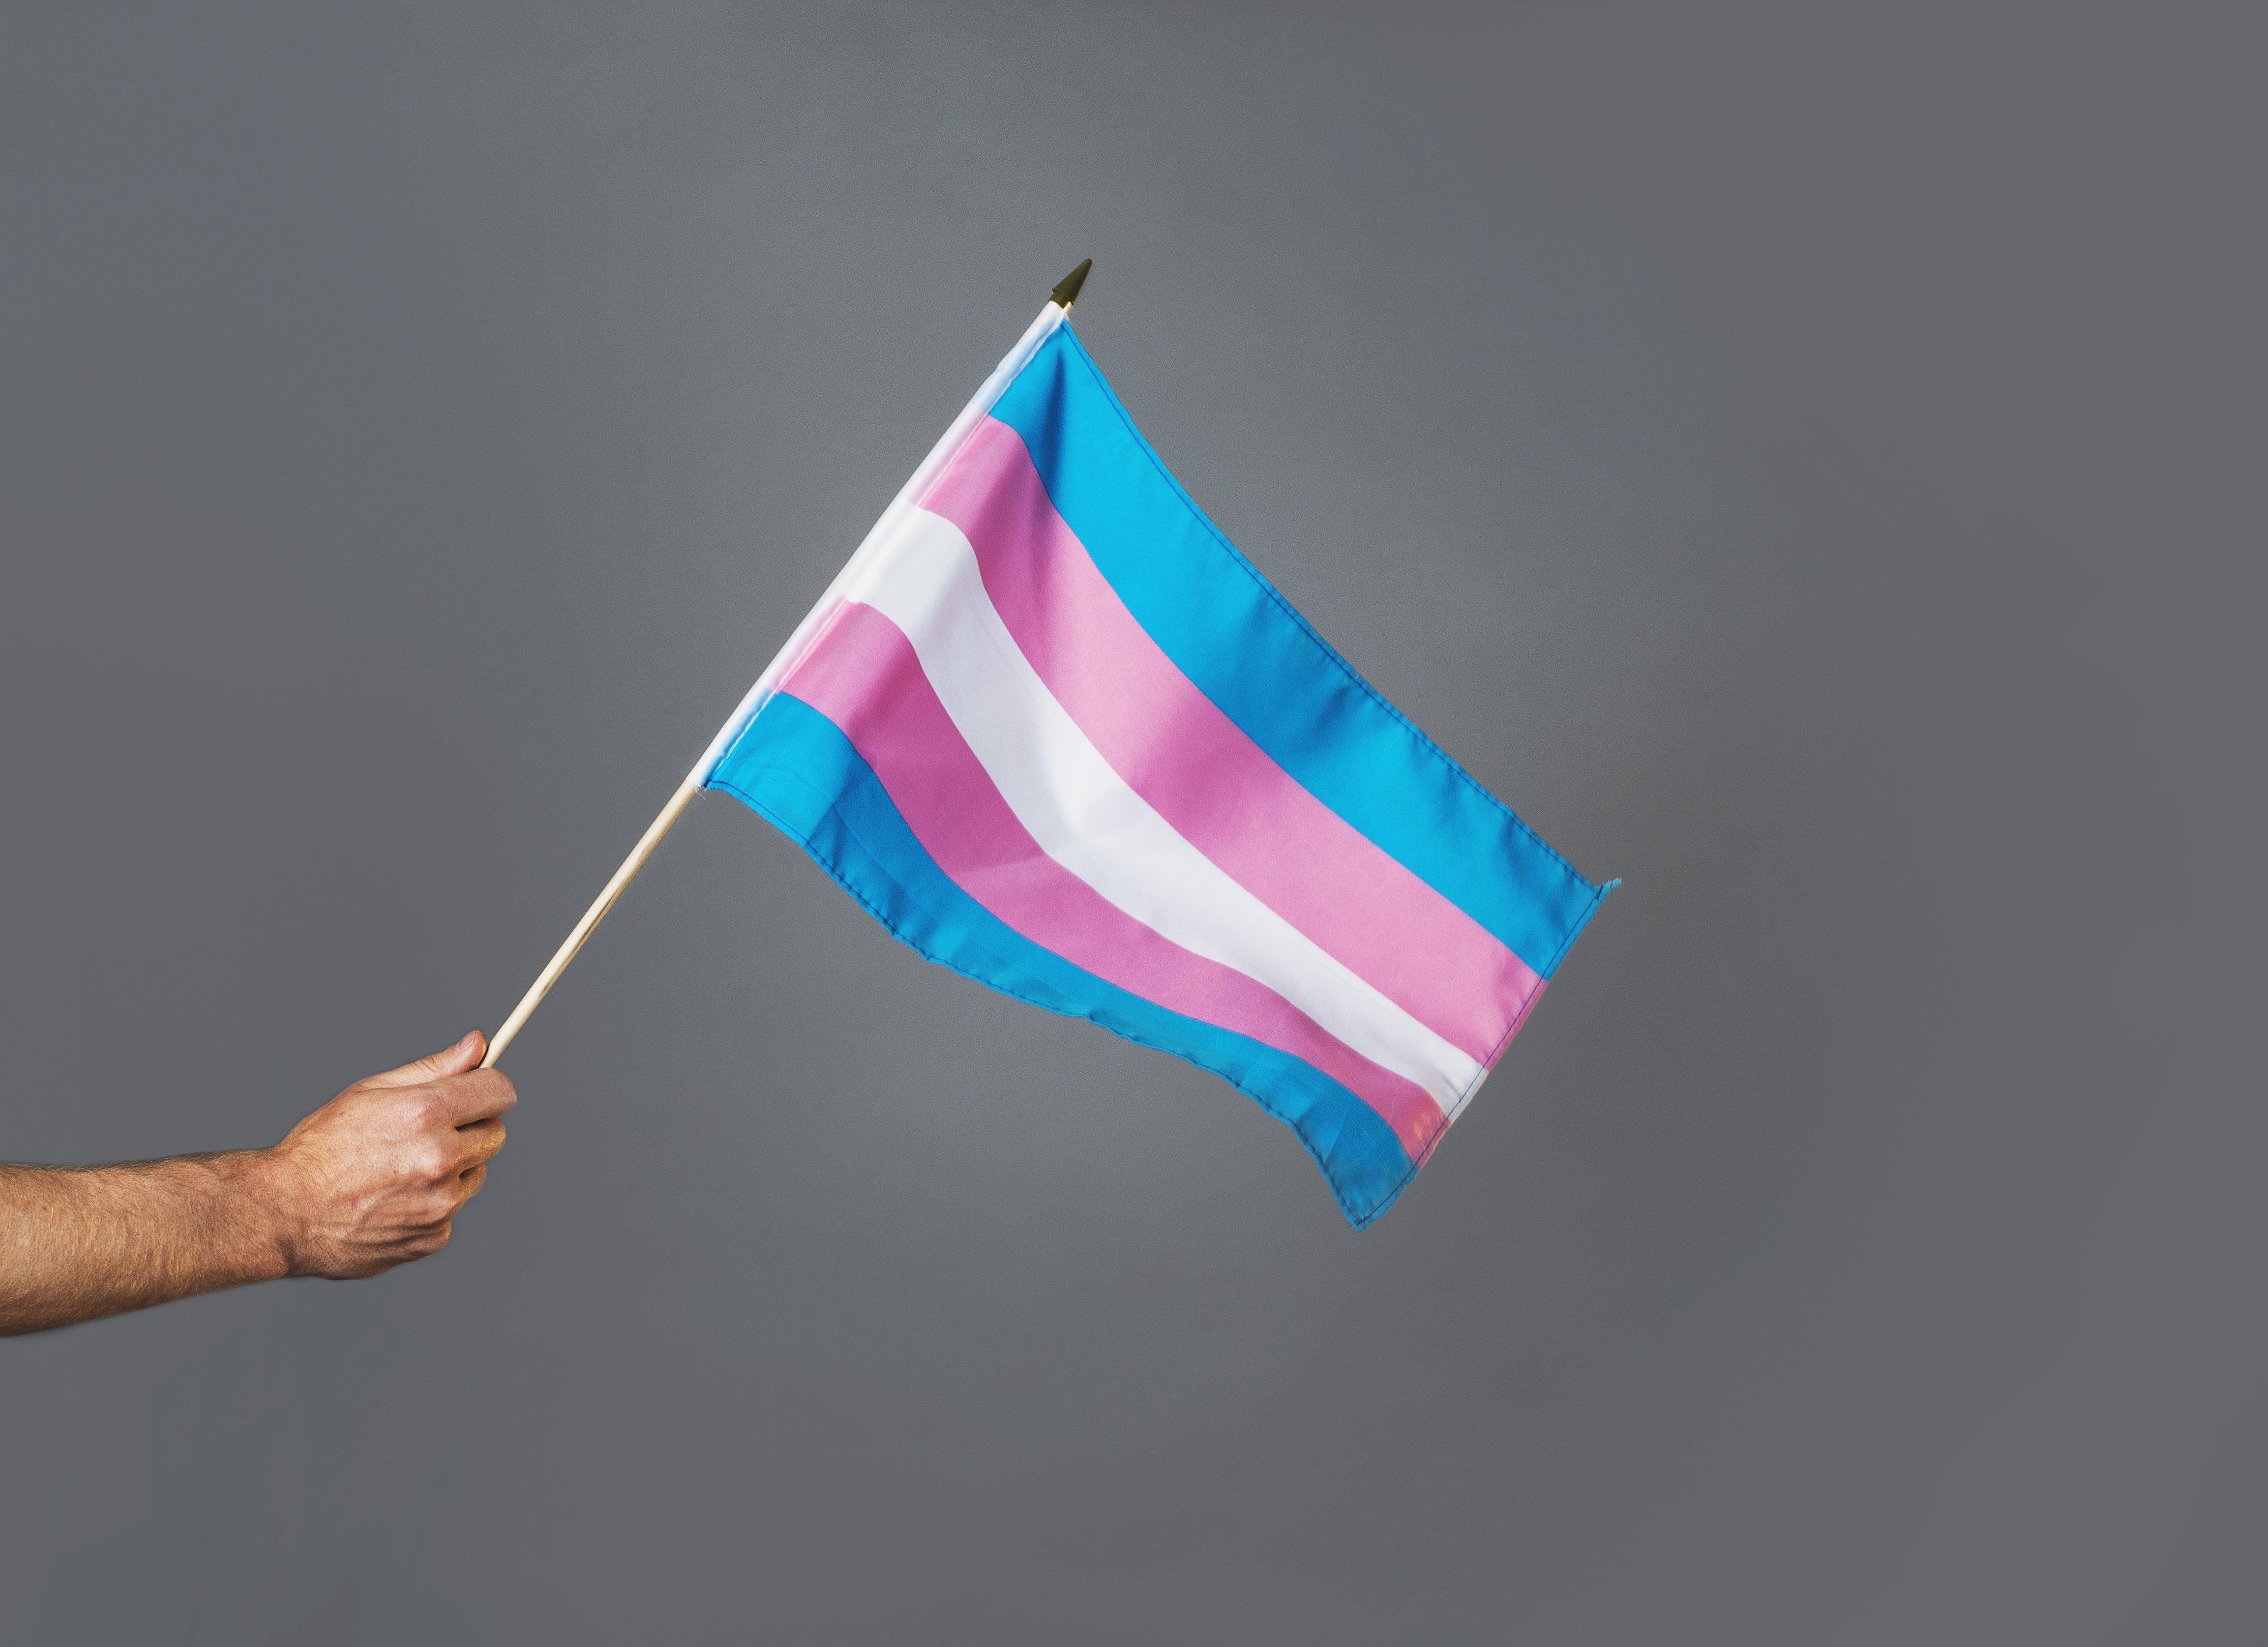 Транс*люди и союзники отмечают международный День видимости